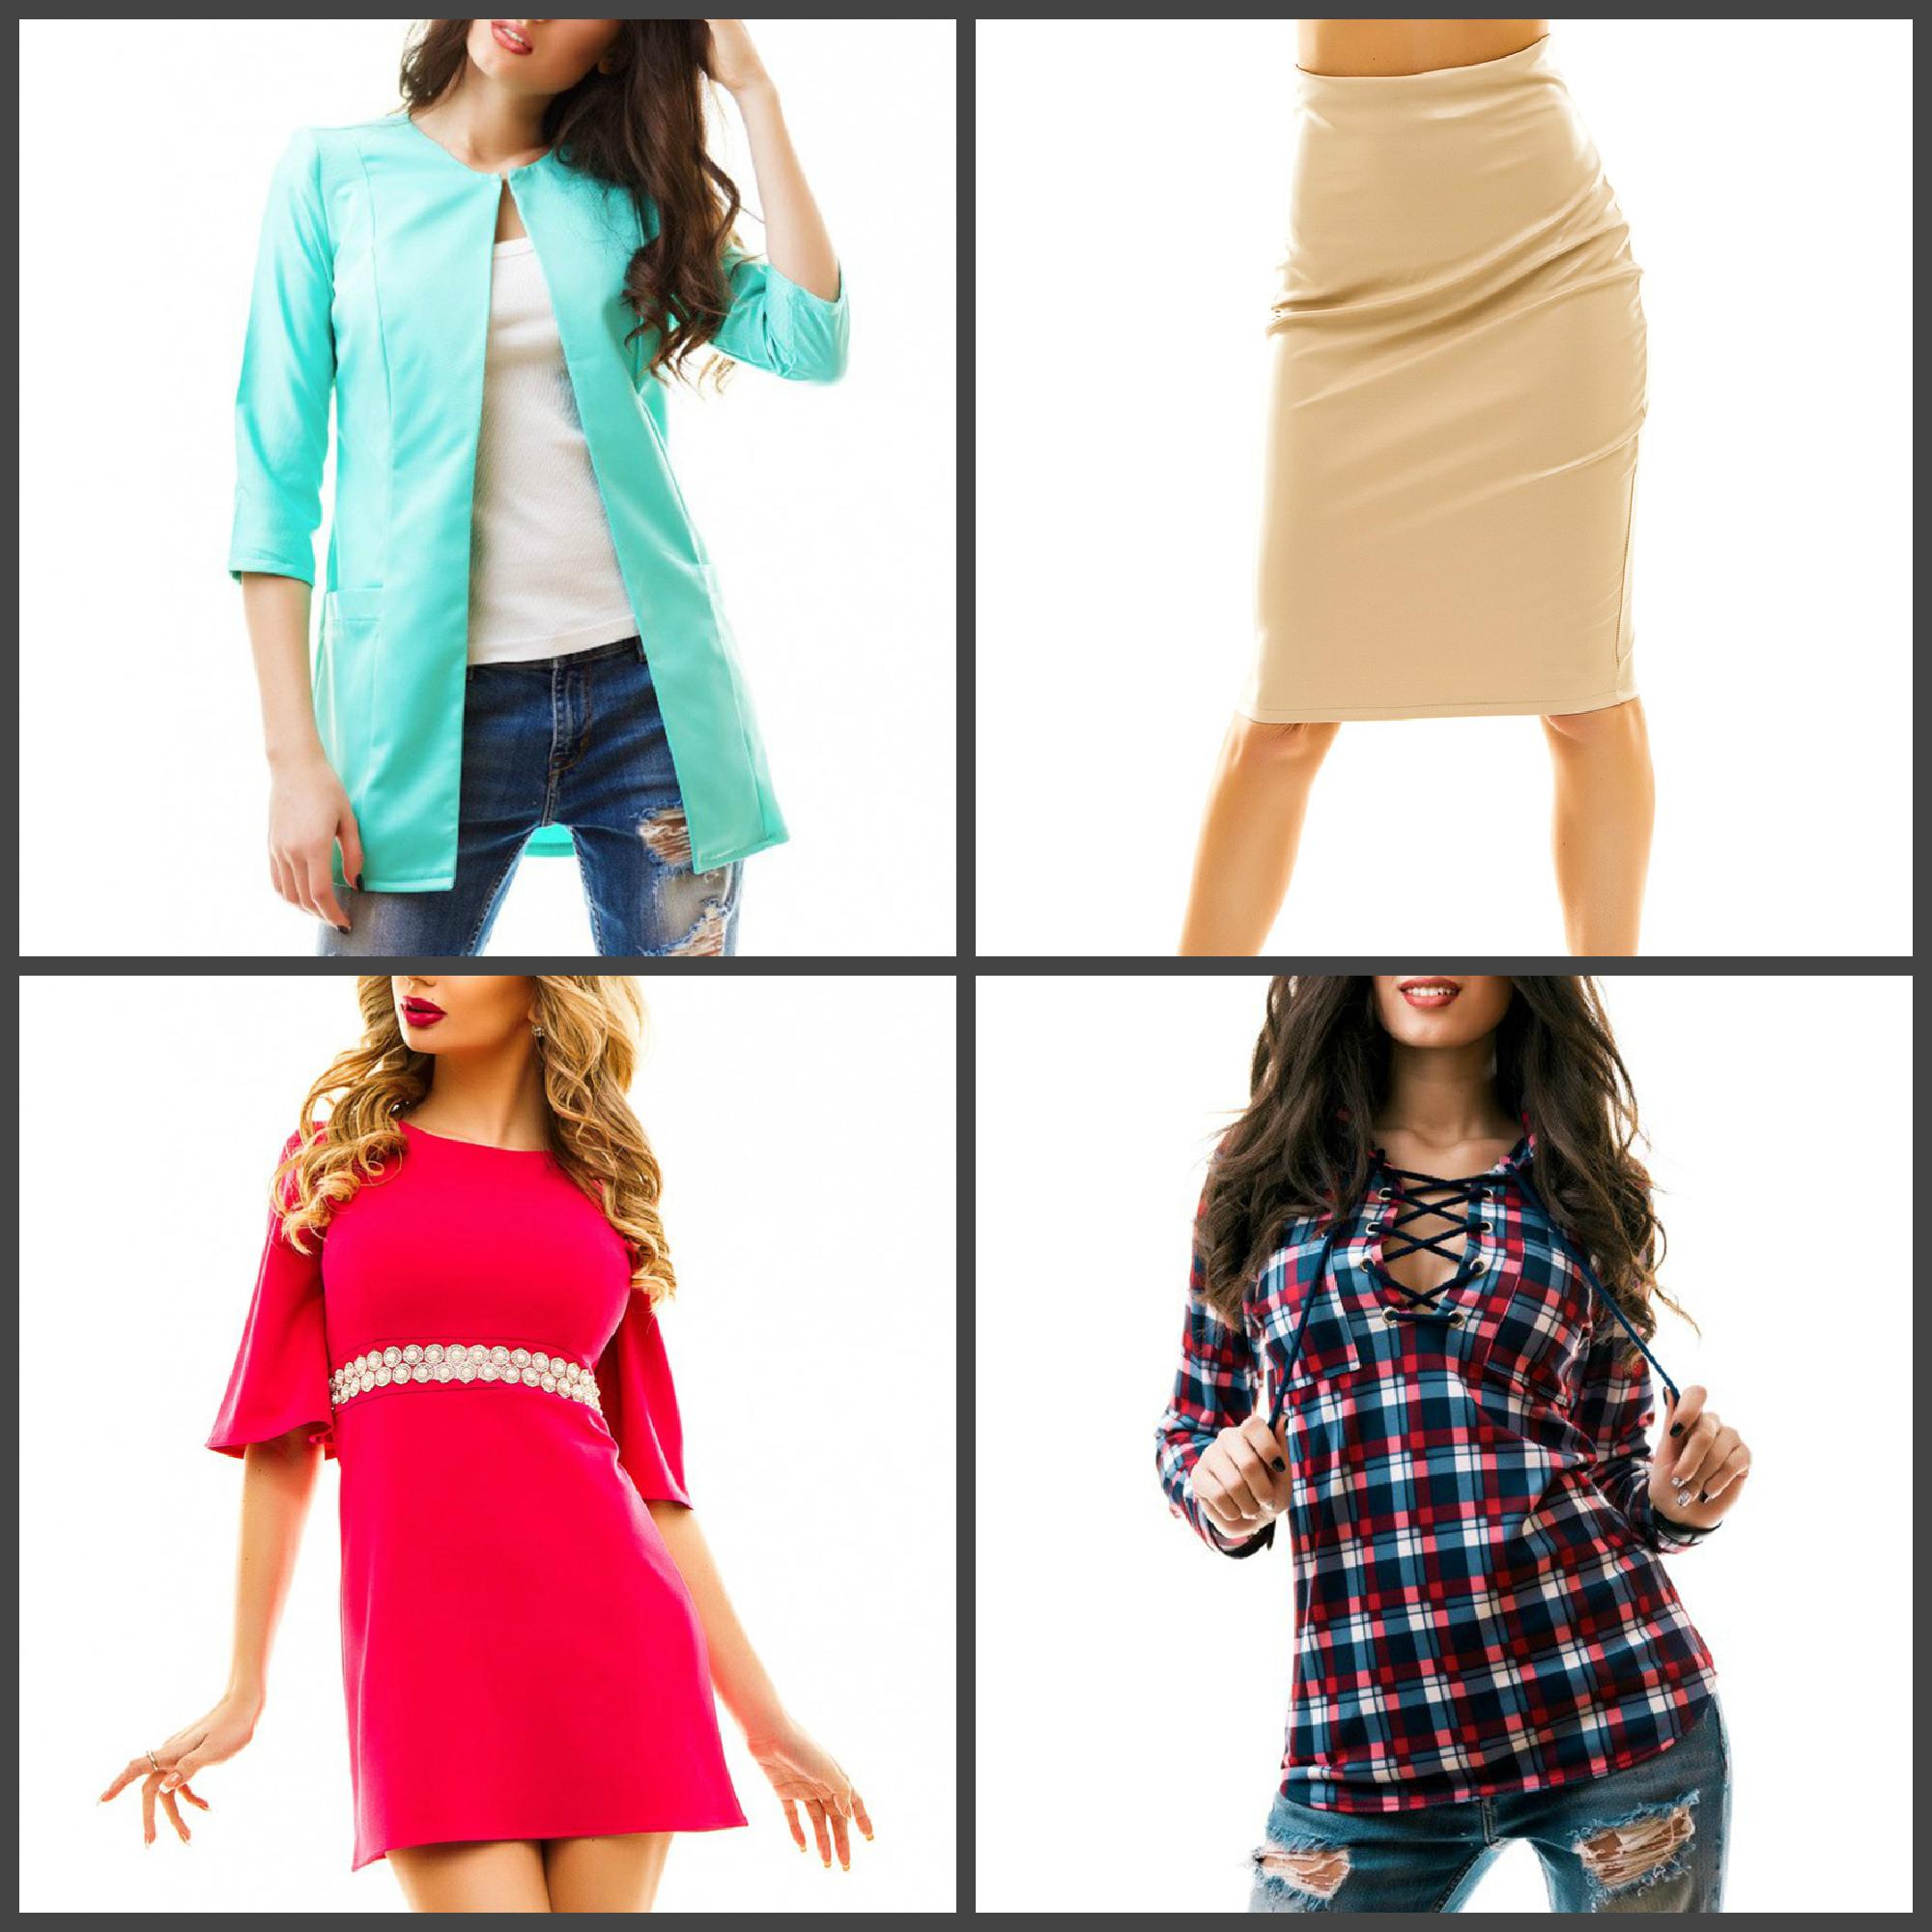 Немного новинок: кардиганы, юбки, рубашки